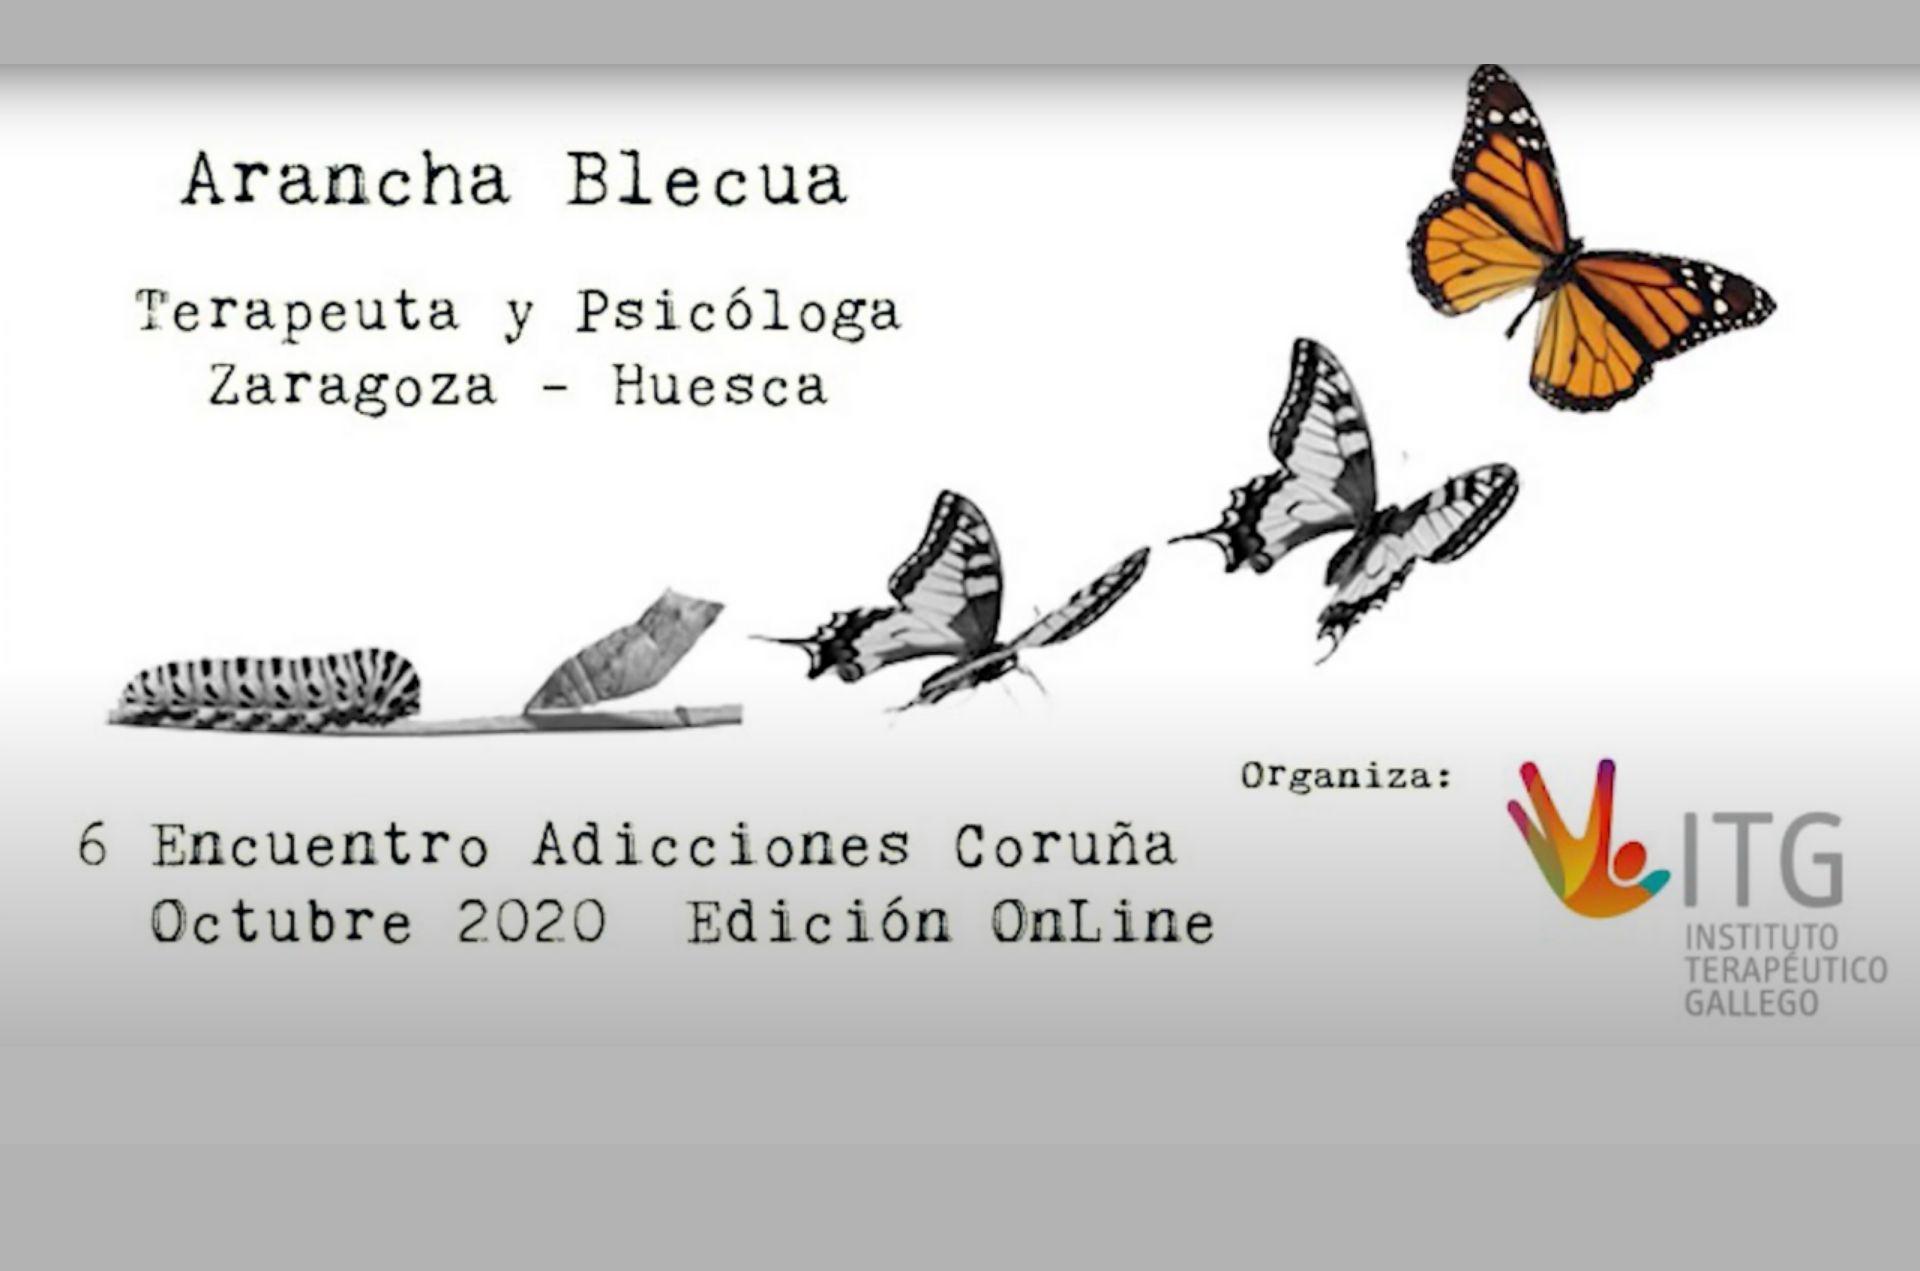 El Encuentro Adicciones Coruña es un evento para profesionales de las adicciones.